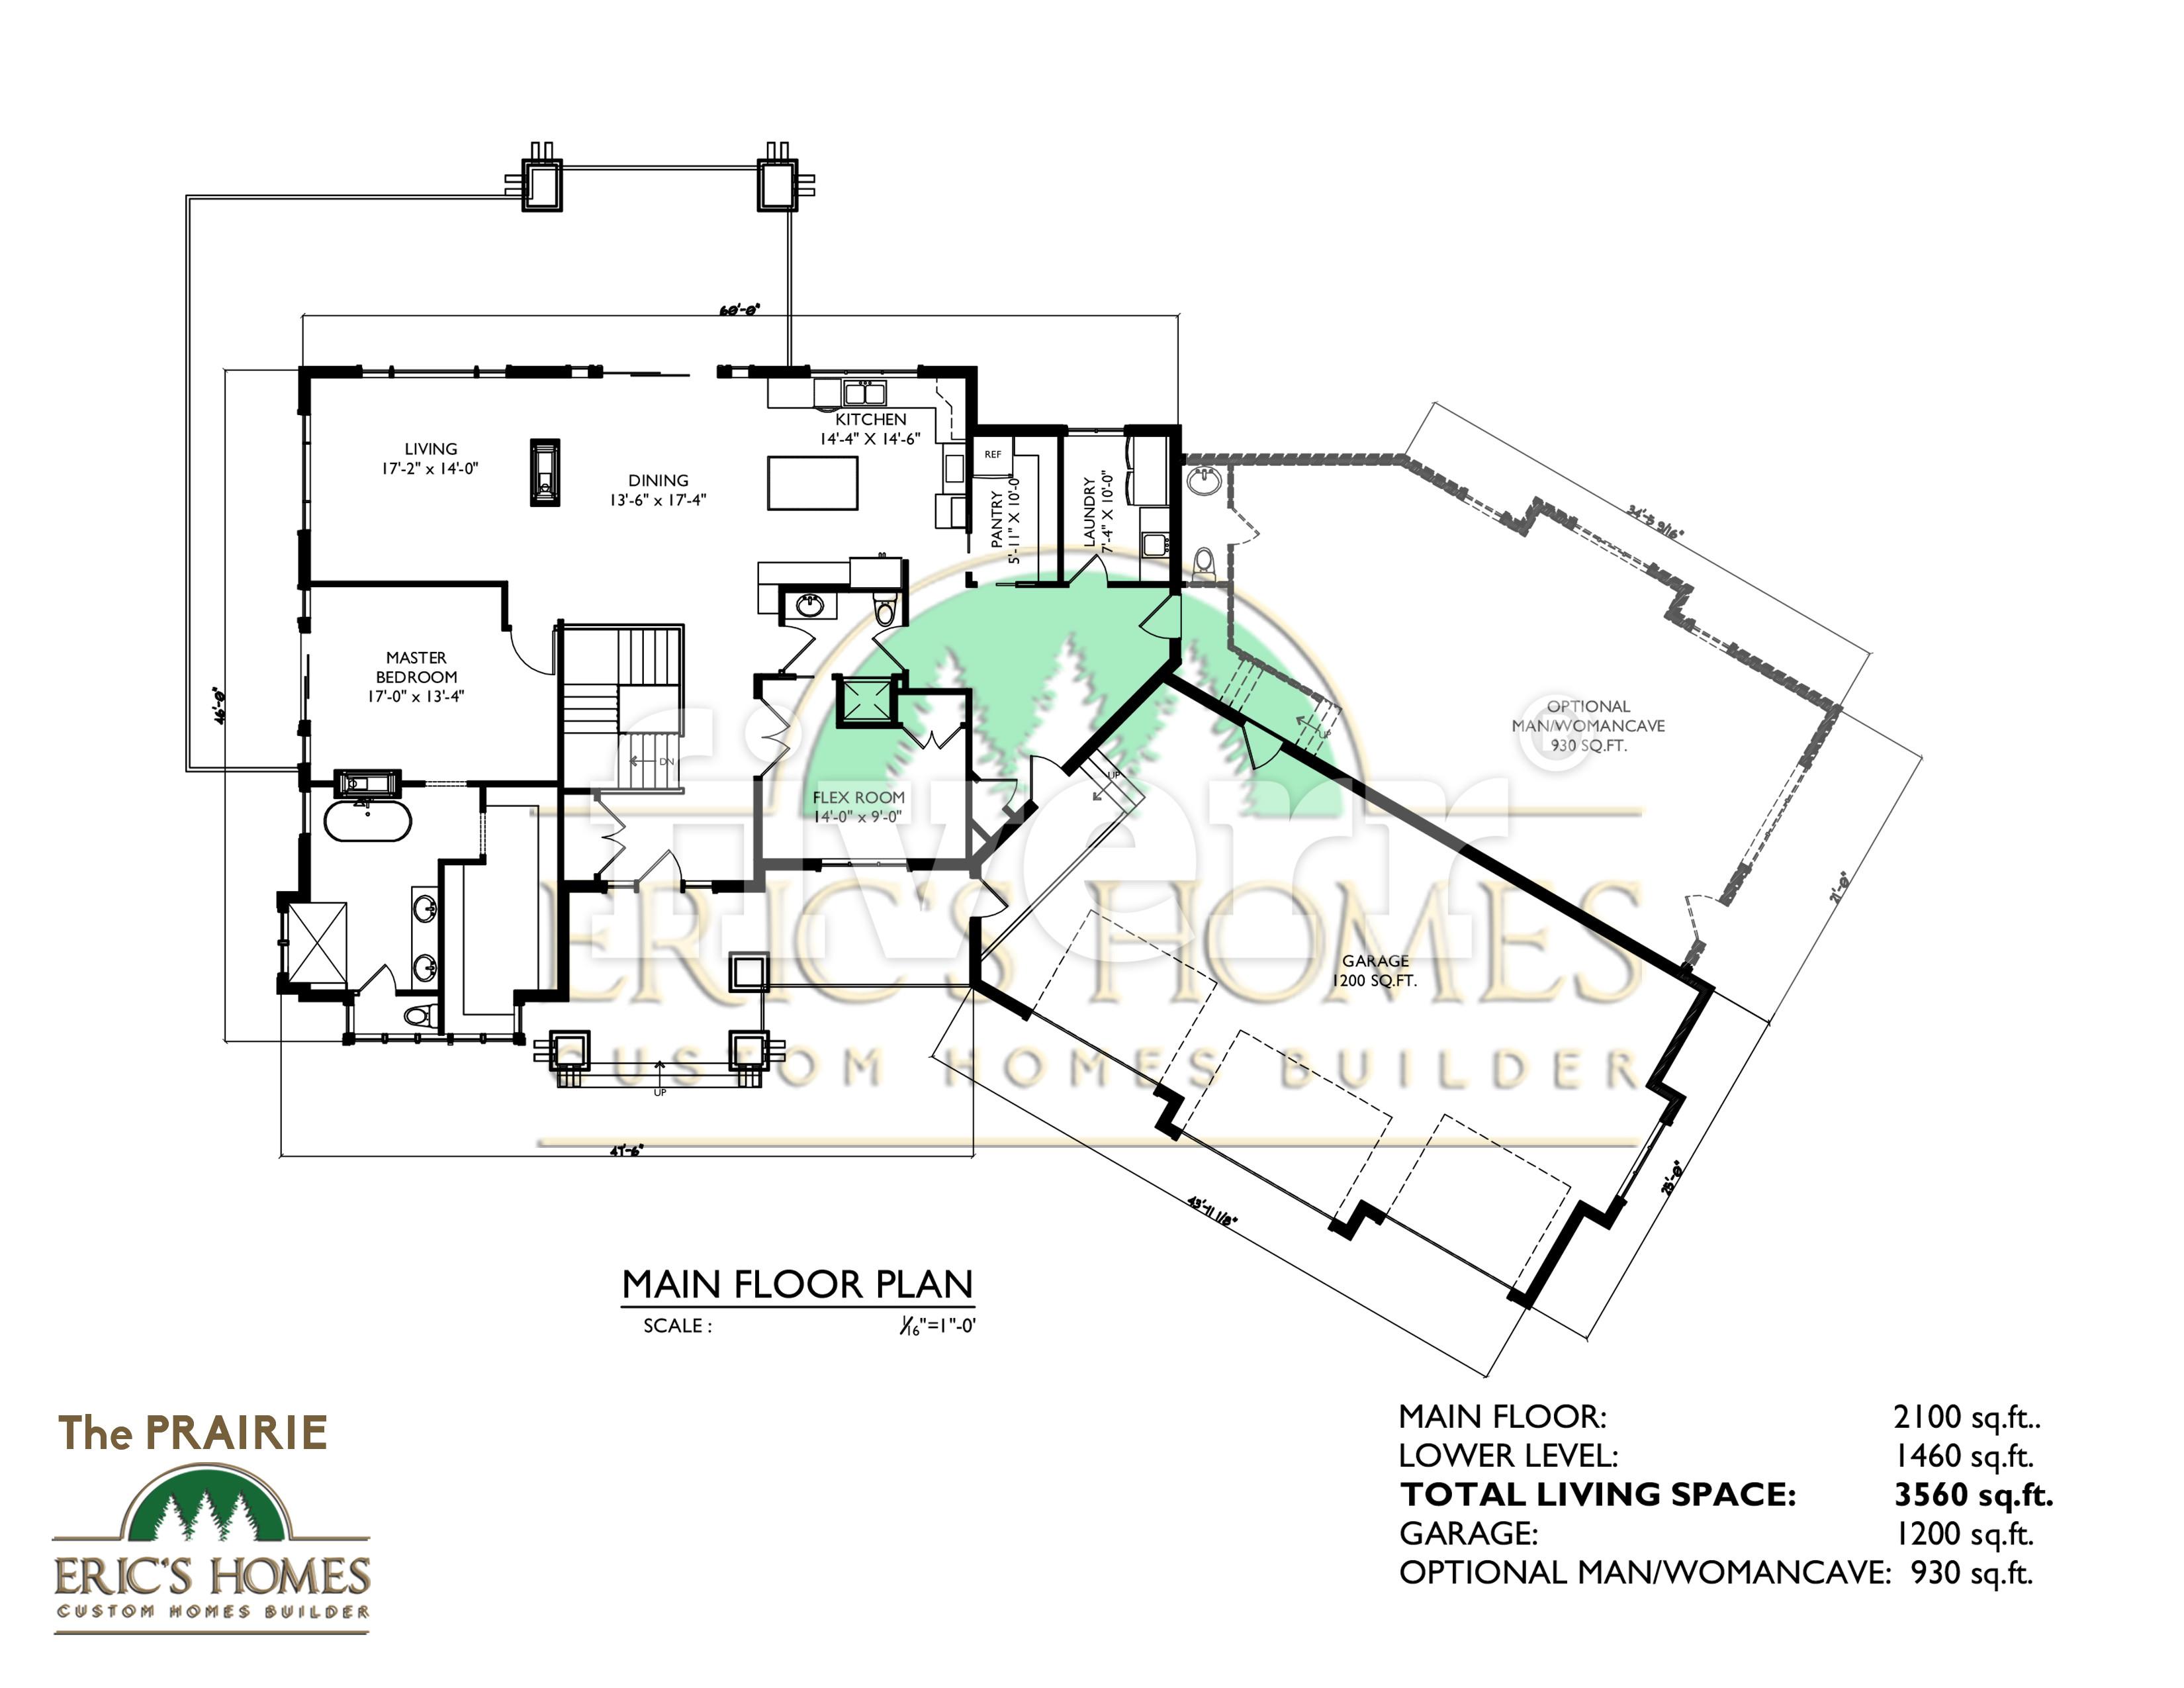 The Prairie main floor brochure plan